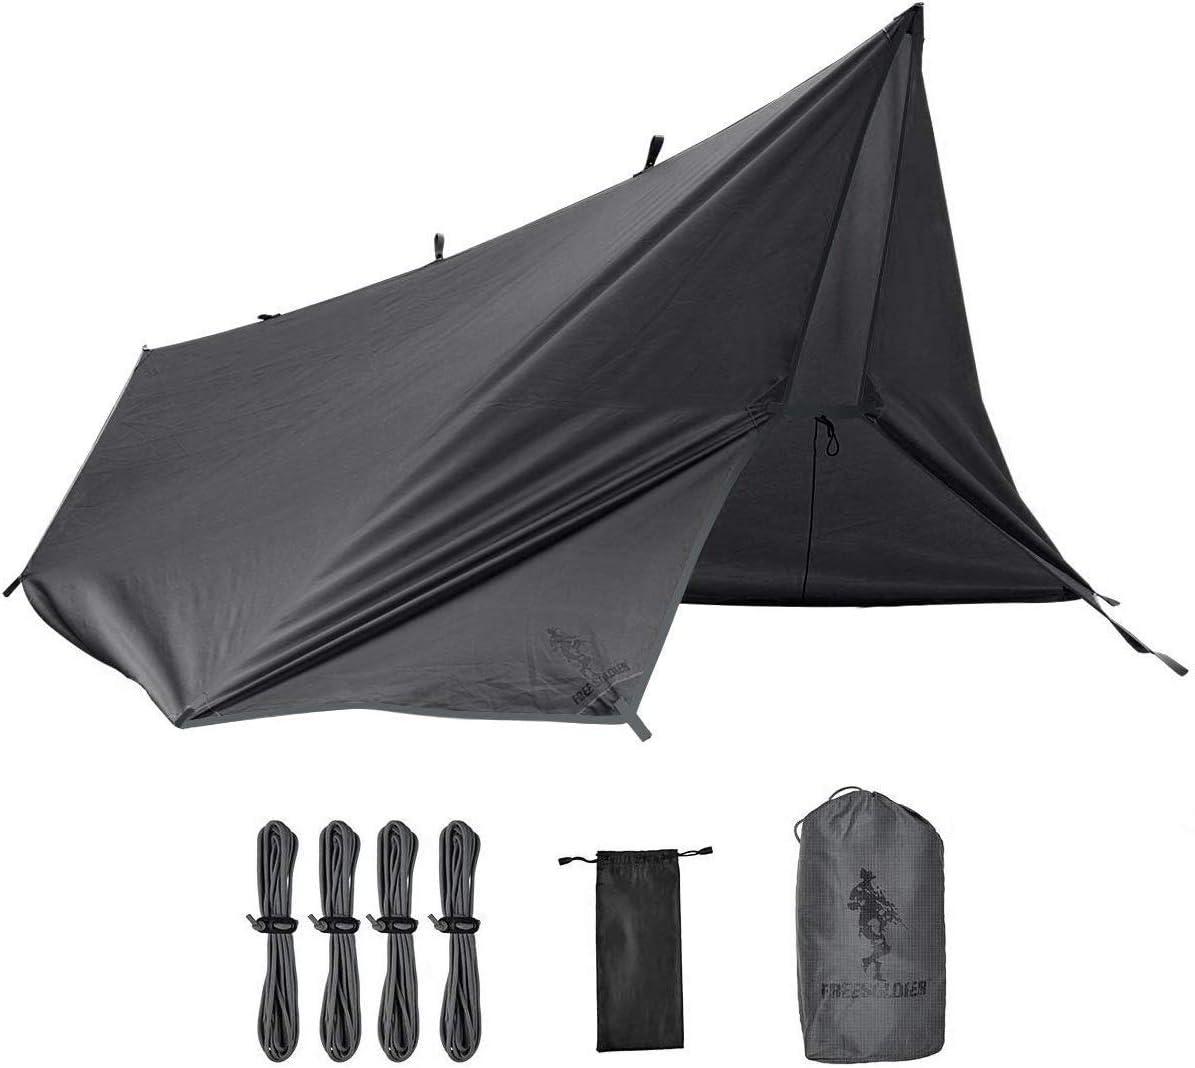 FREE SOLDIER Toldo de Acampada y Deportes al Aire Libre Impermeable Portable Multifuncional para Viajar Tienda de campaña Toldo Refugio Parasol Toldo (Gris sin uñas): Amazon.es: Deportes y aire libre